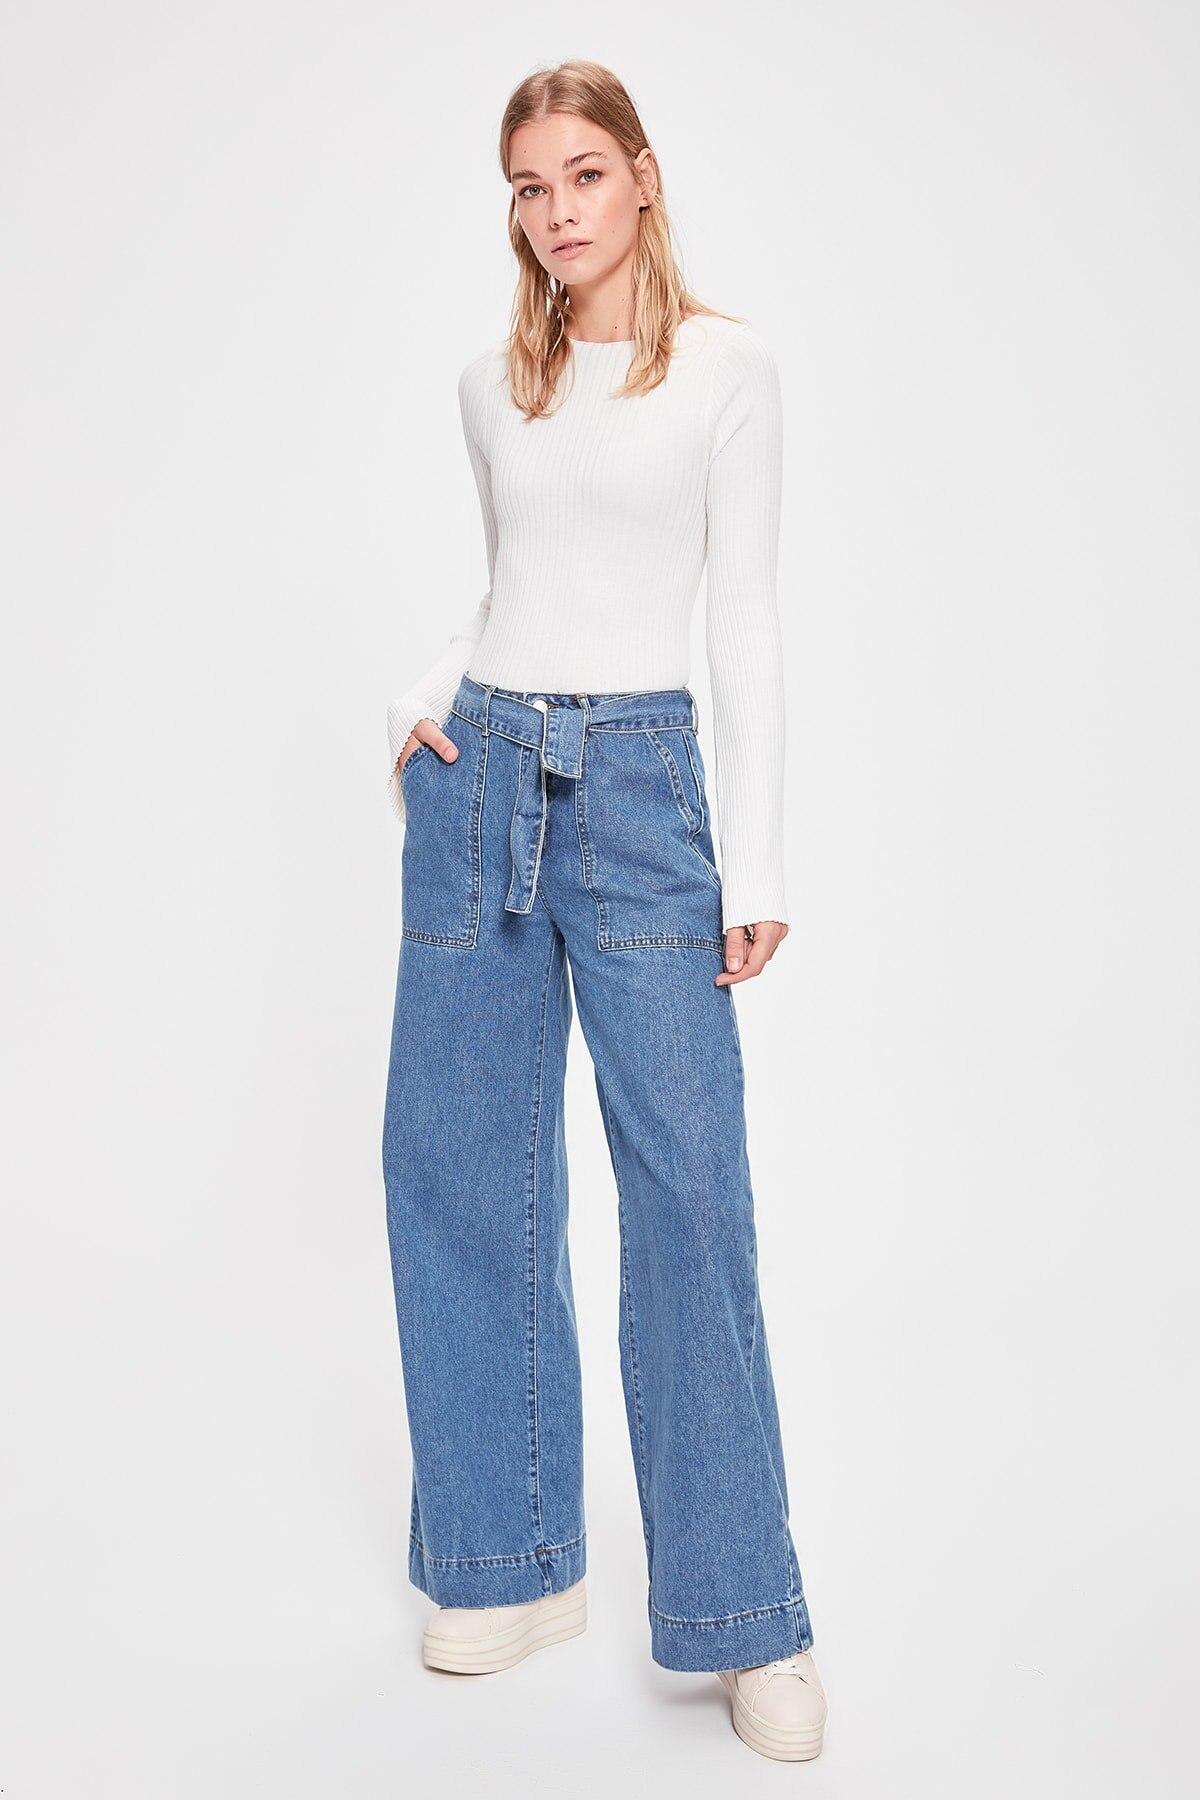 Trendyol Arch High Bel Wide Leg Jeans TWOAW20JE0247